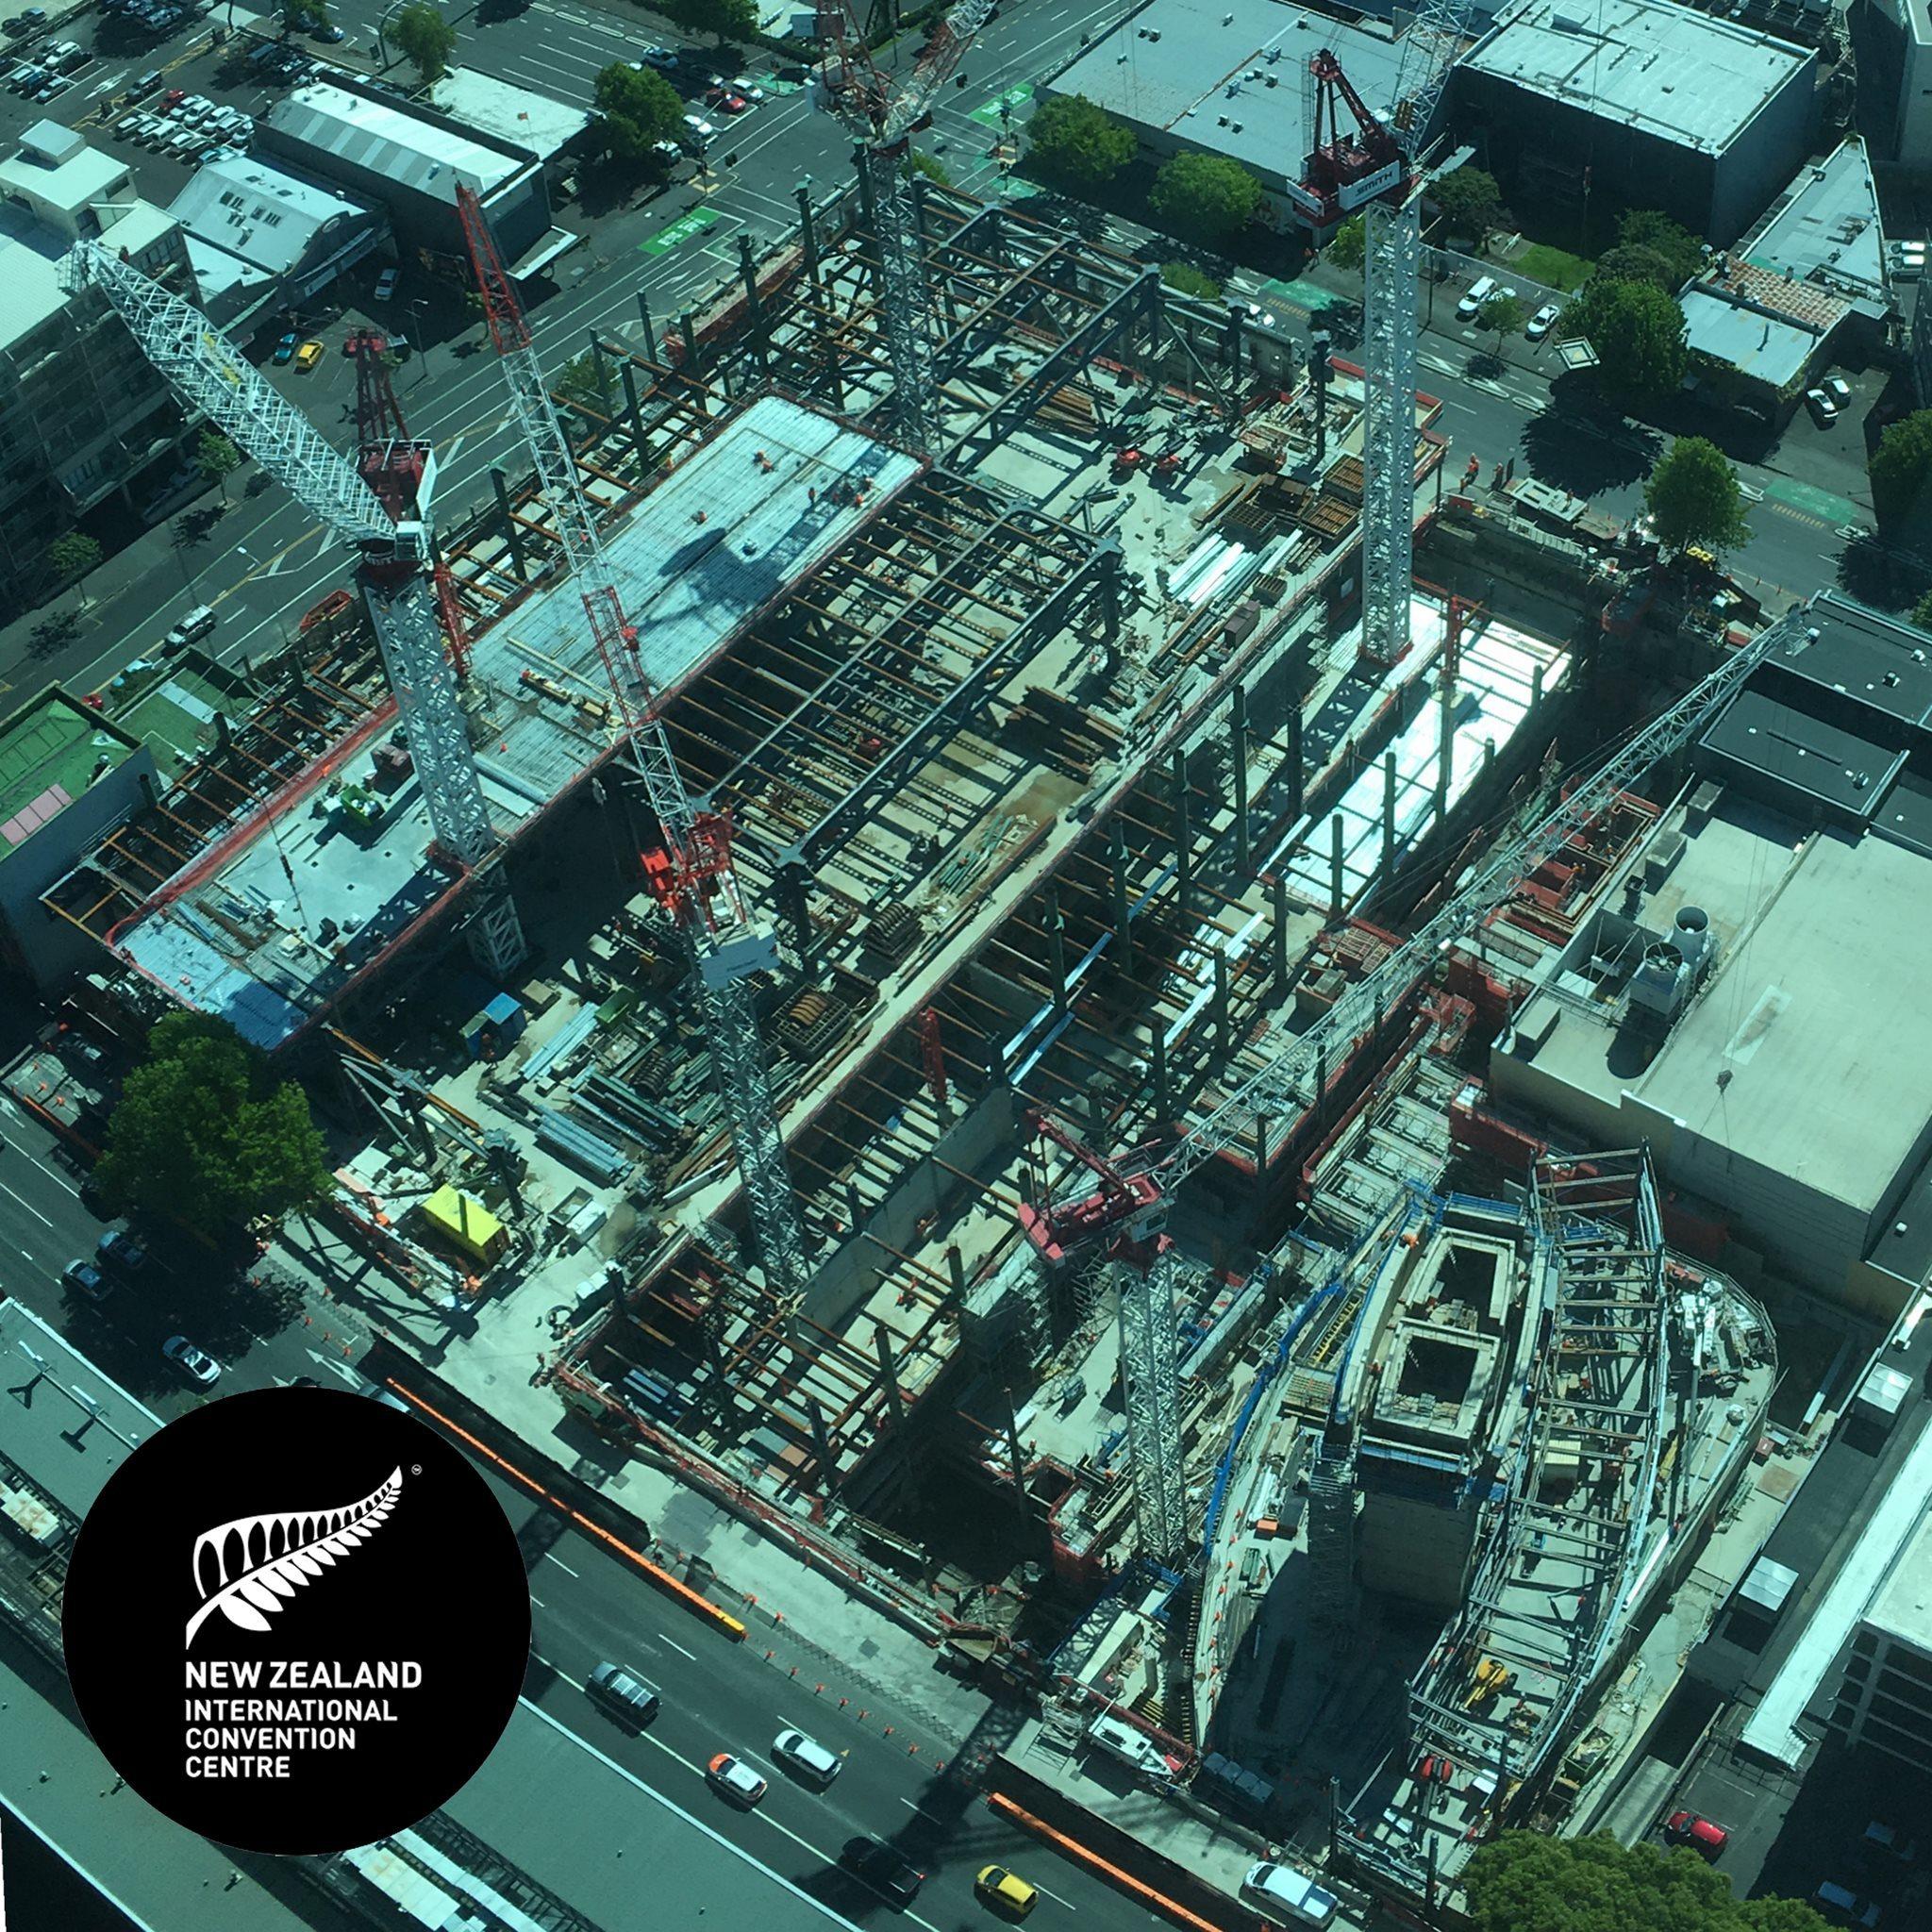 NZICC Site December 2017